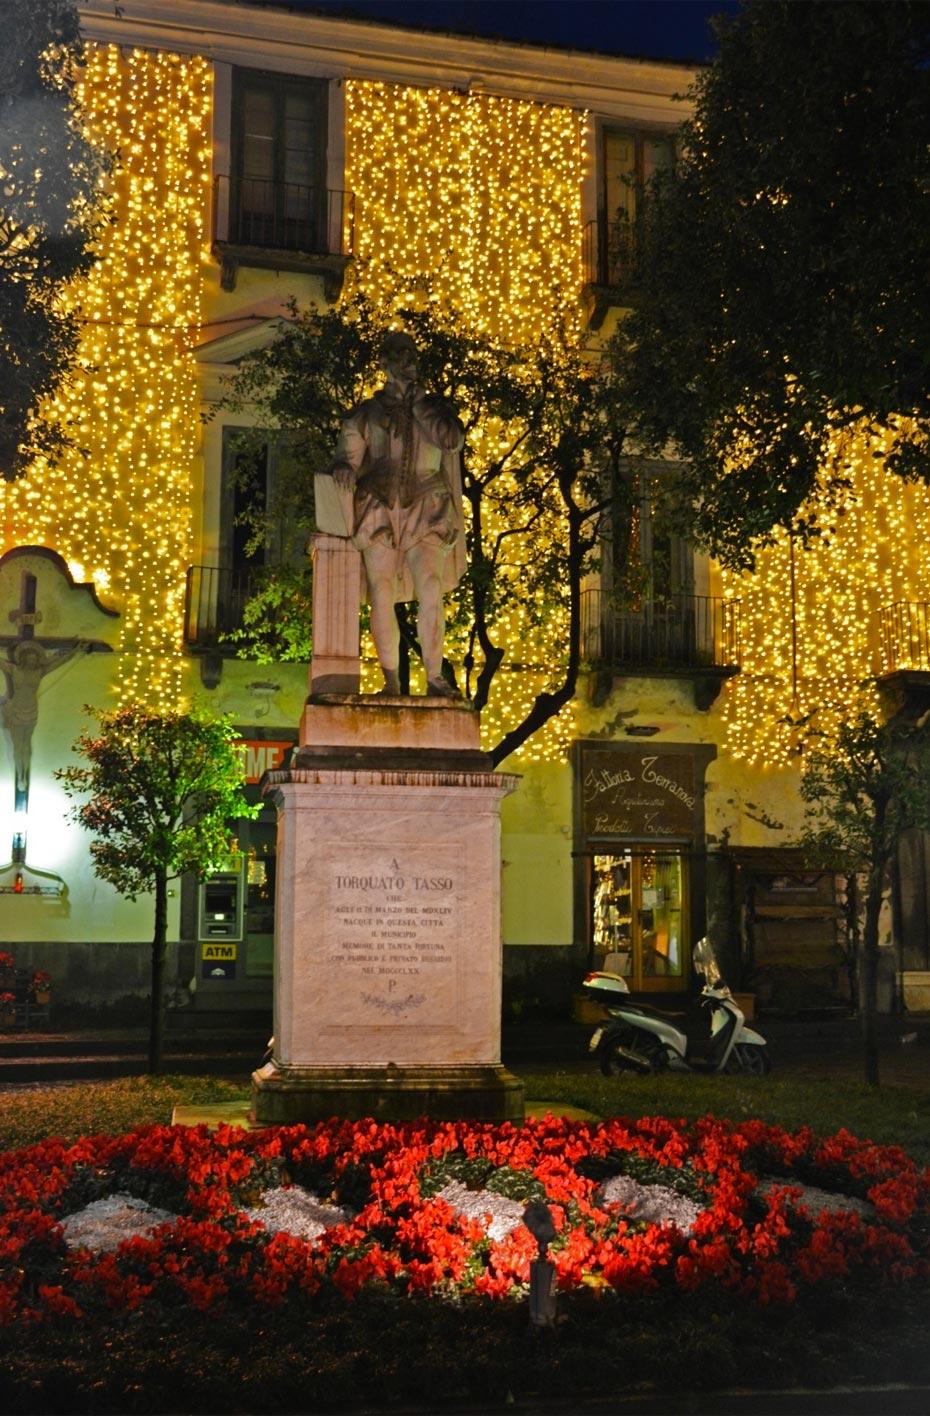 Statua Torquato Tasso - Natale a Sorrento